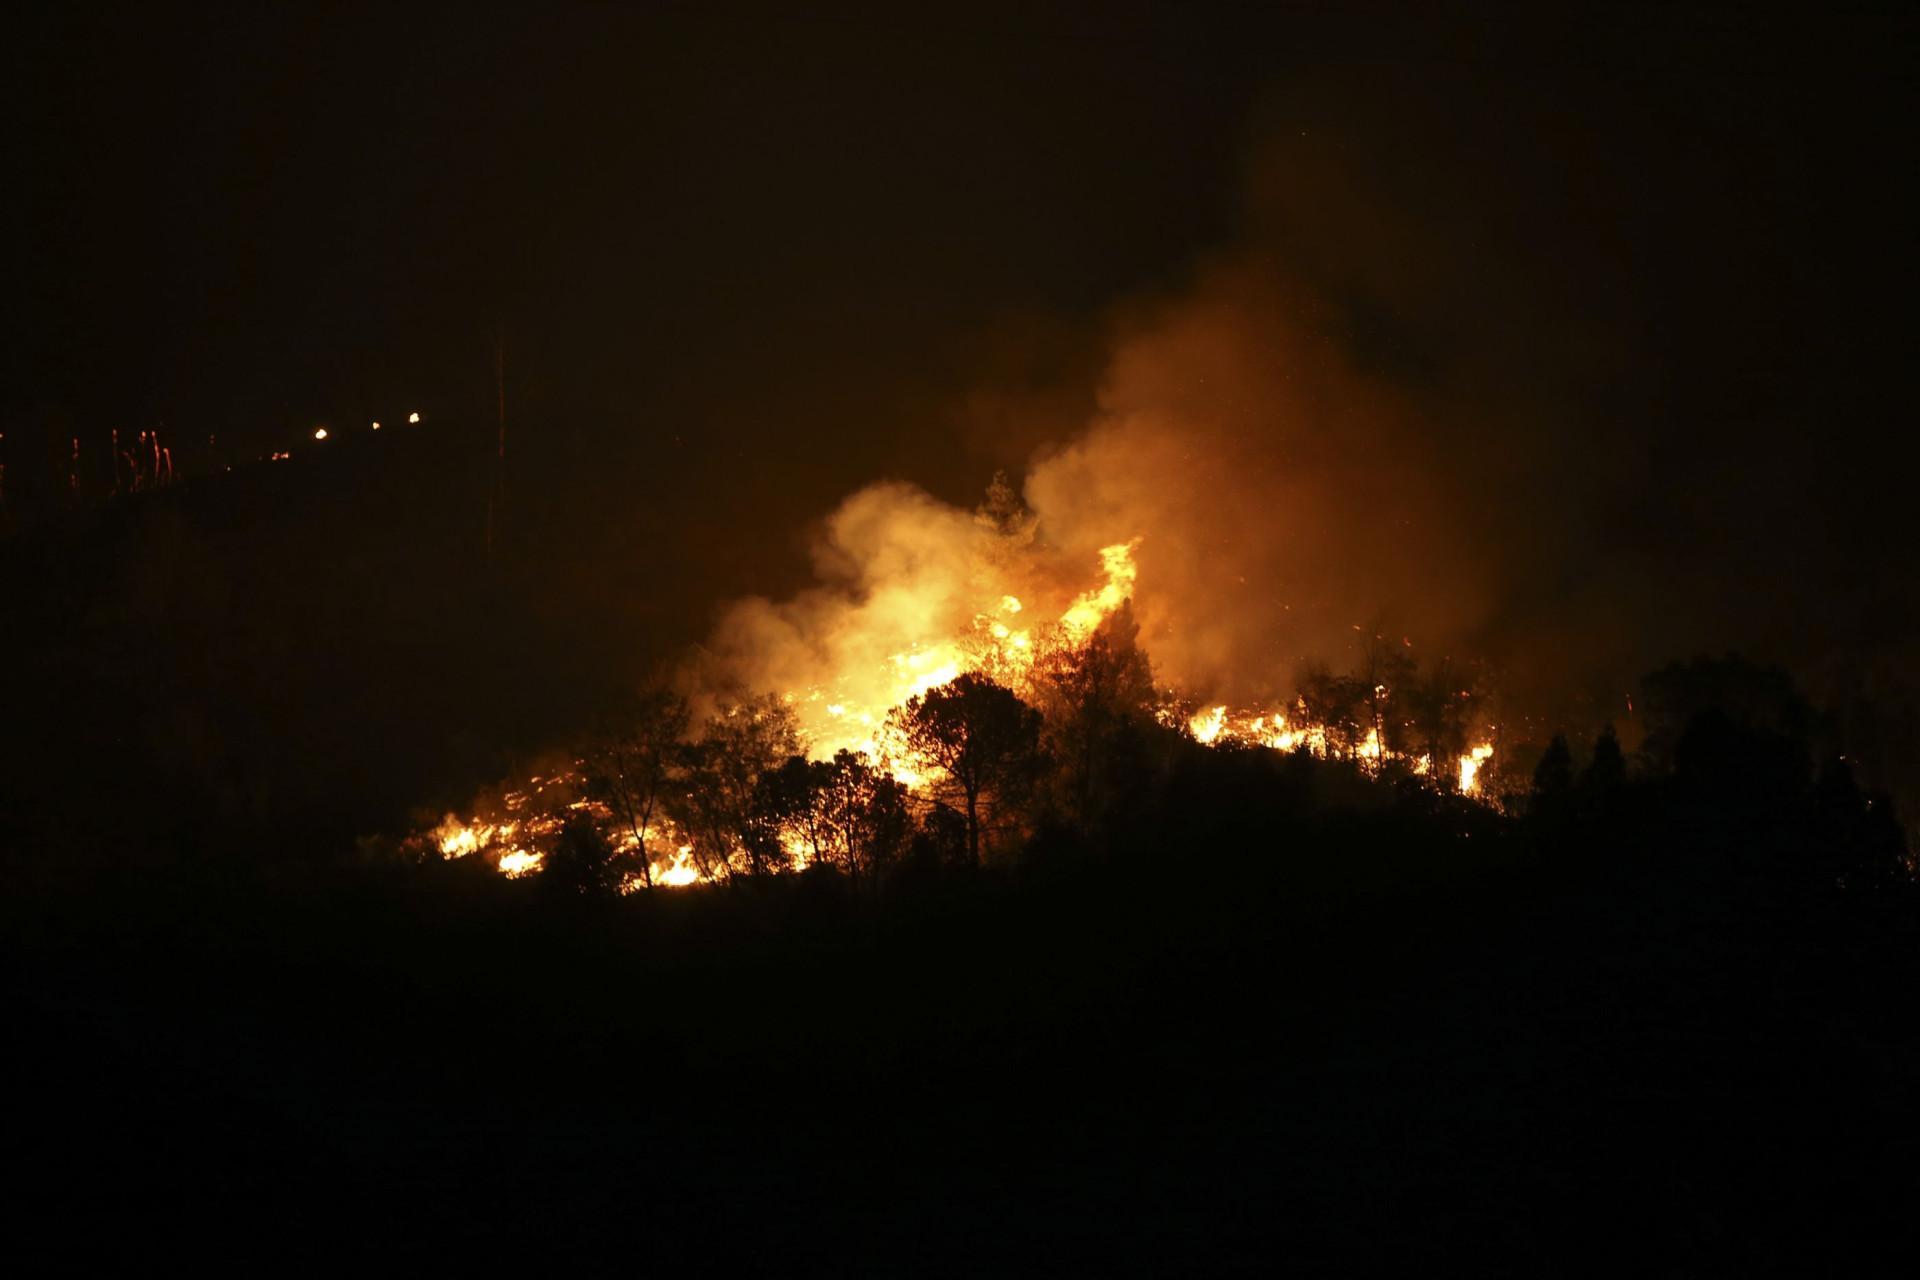 Incêndio em Monchique não dá tréguas: Imagens documentam 'inferno'